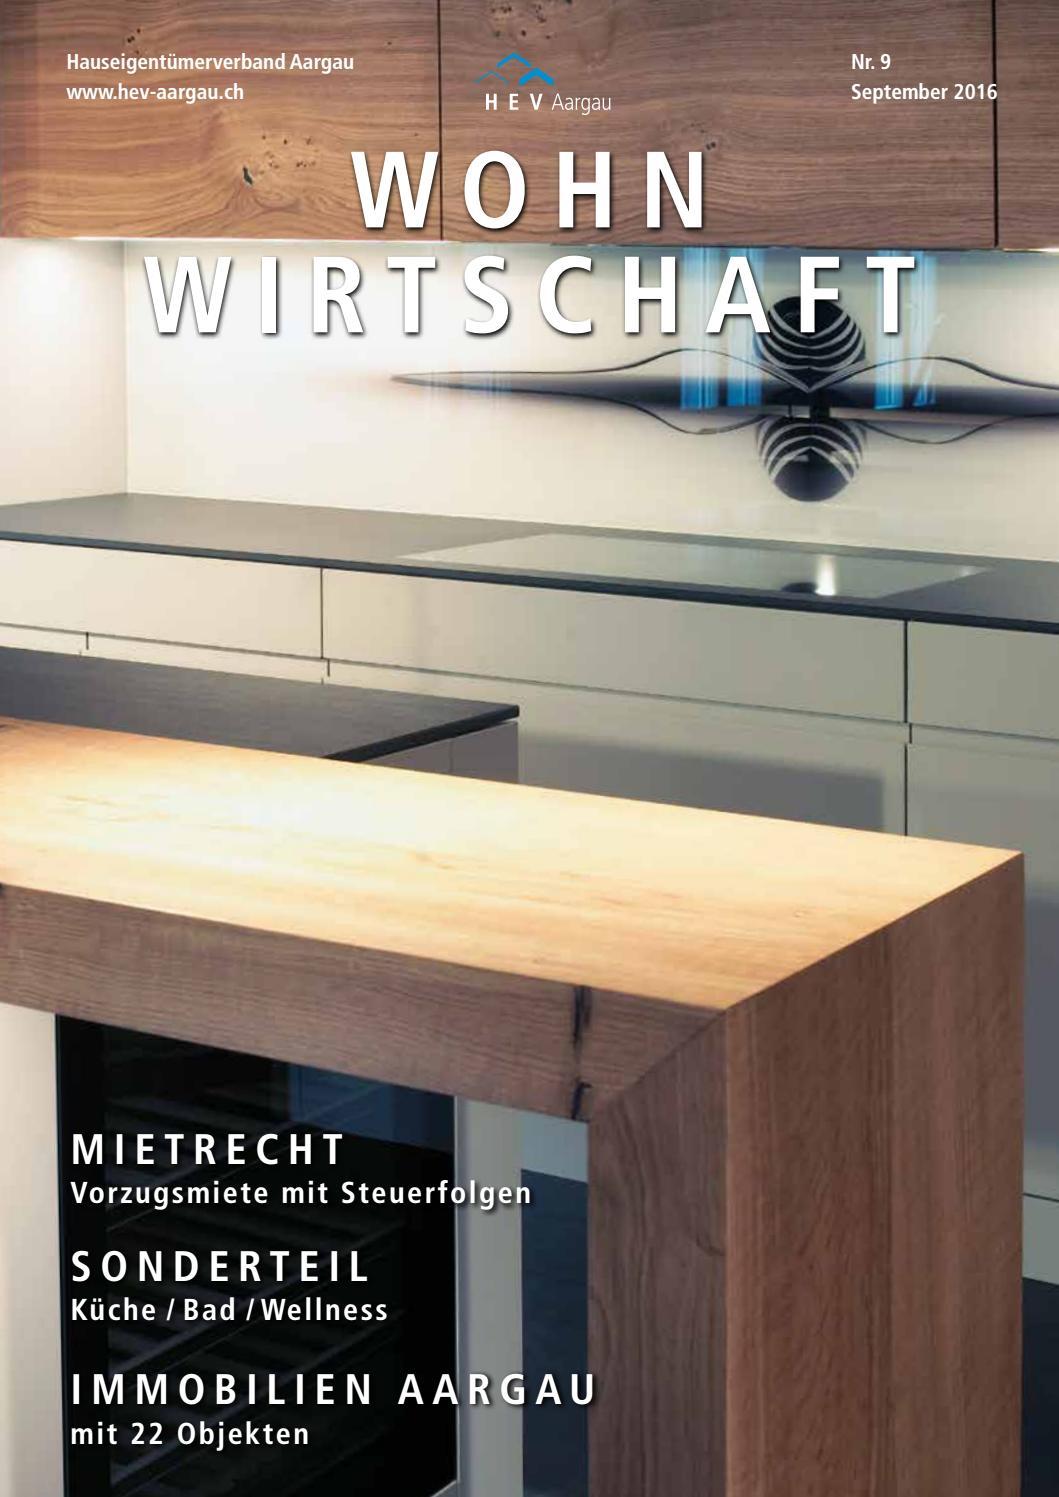 WOHNWIRTSCHAFT August 2016 by DaPa Media - issuu